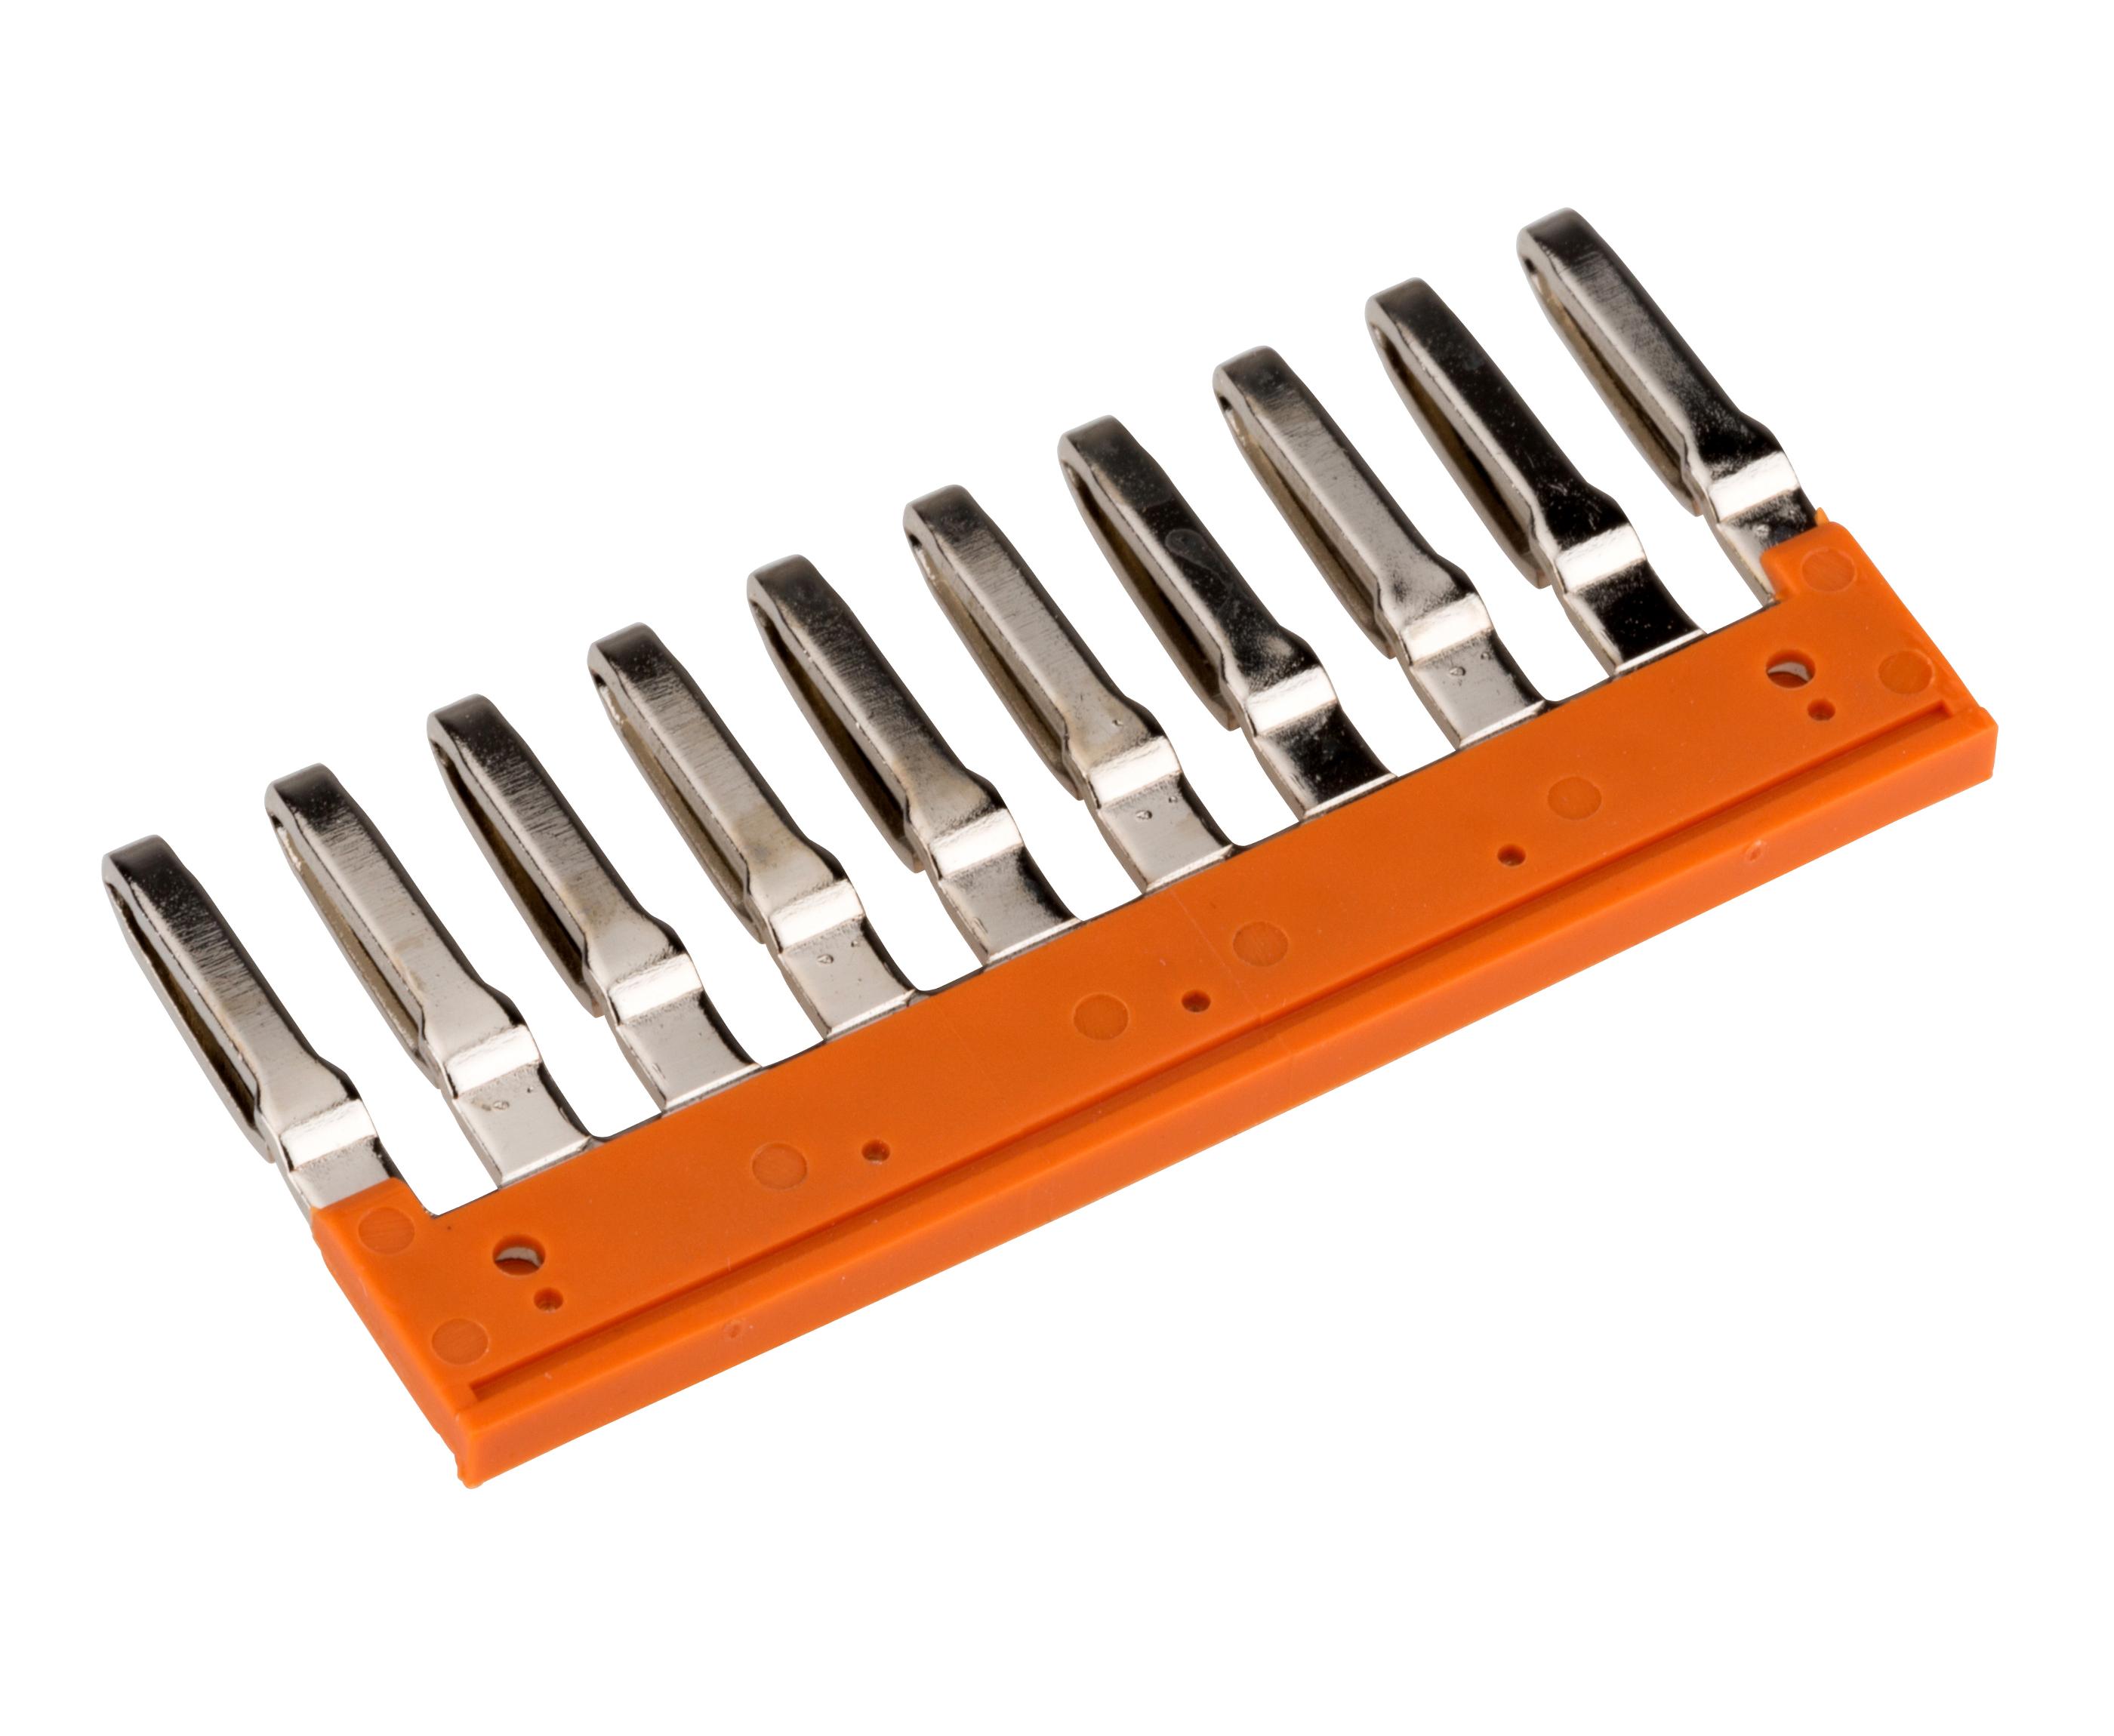 1 Stk Querverbinder 10-polig/2,5mm² für YBK 2,5 IK610529--